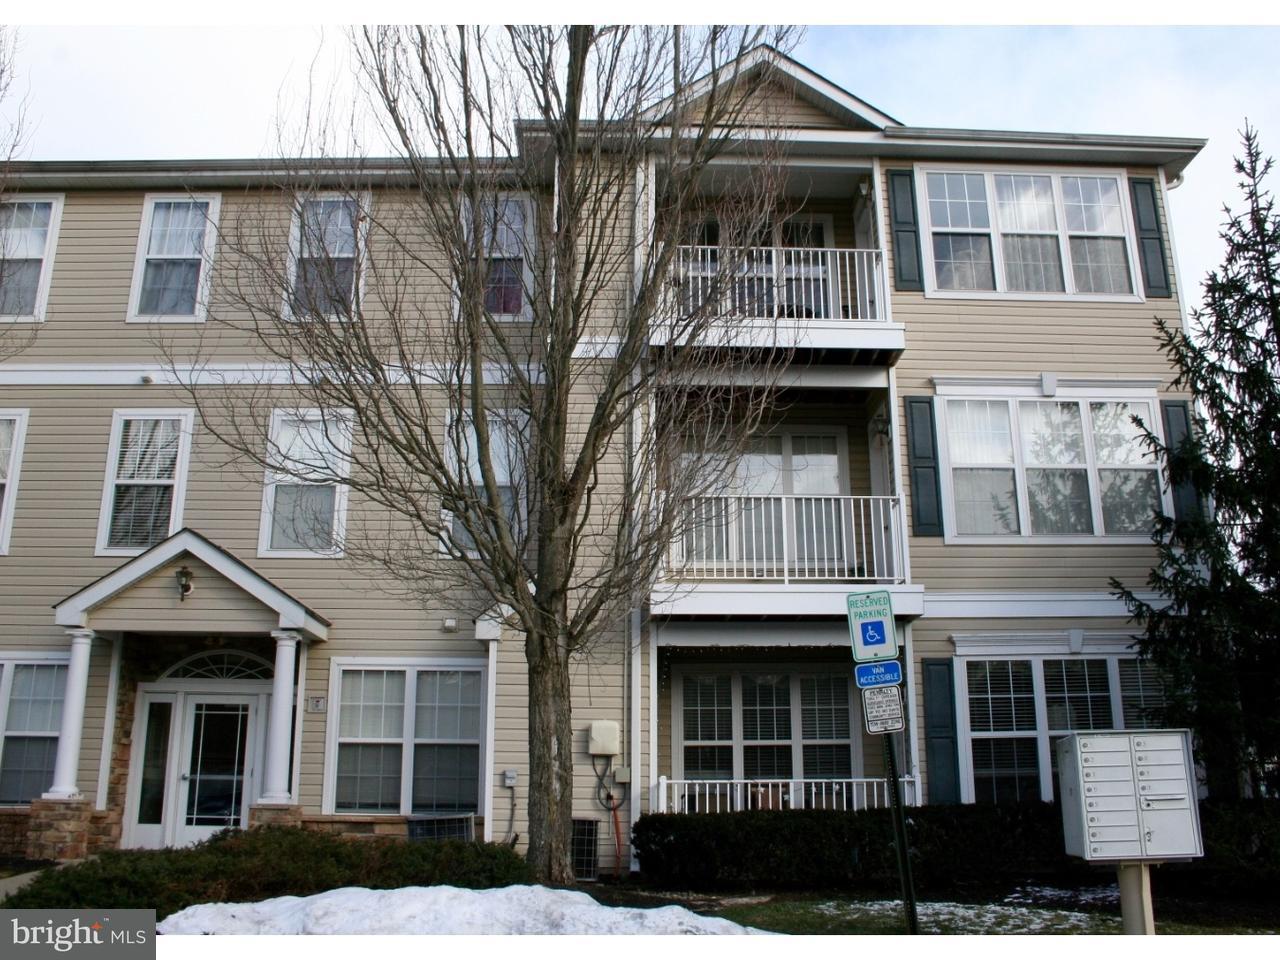 联栋屋 为 出租 在 91 KYLE WAY 尤因, 新泽西州 08628 美国在/周边: Ewing Township